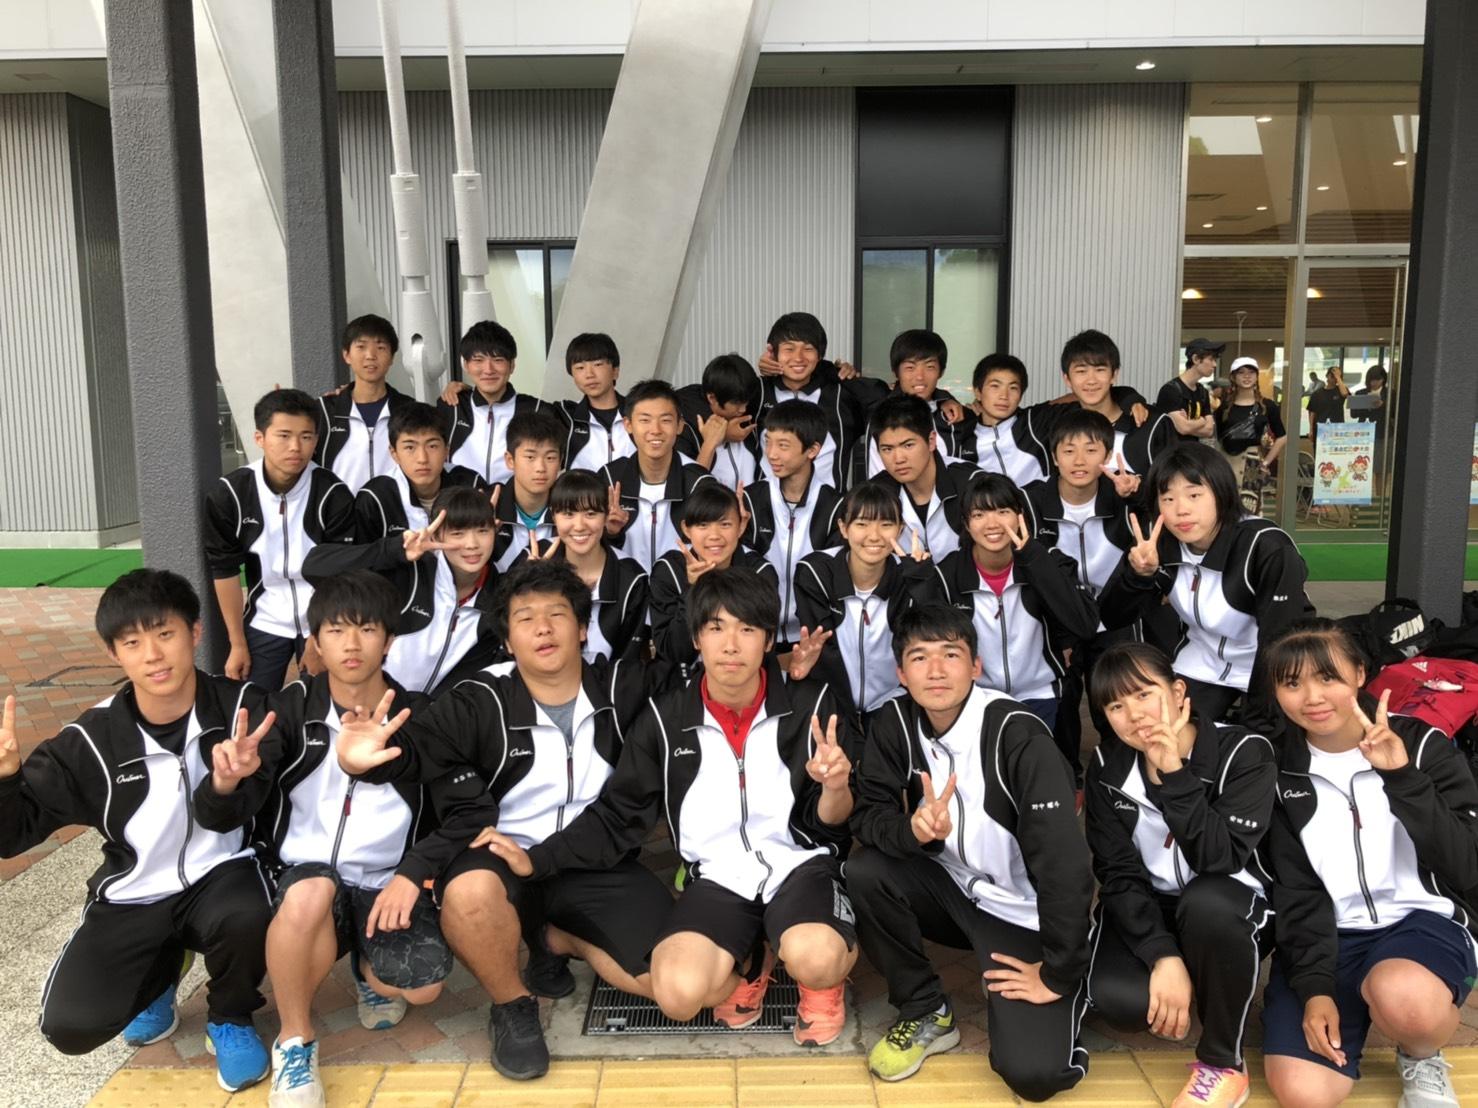 陸上競技部 | 津田学園高等学校